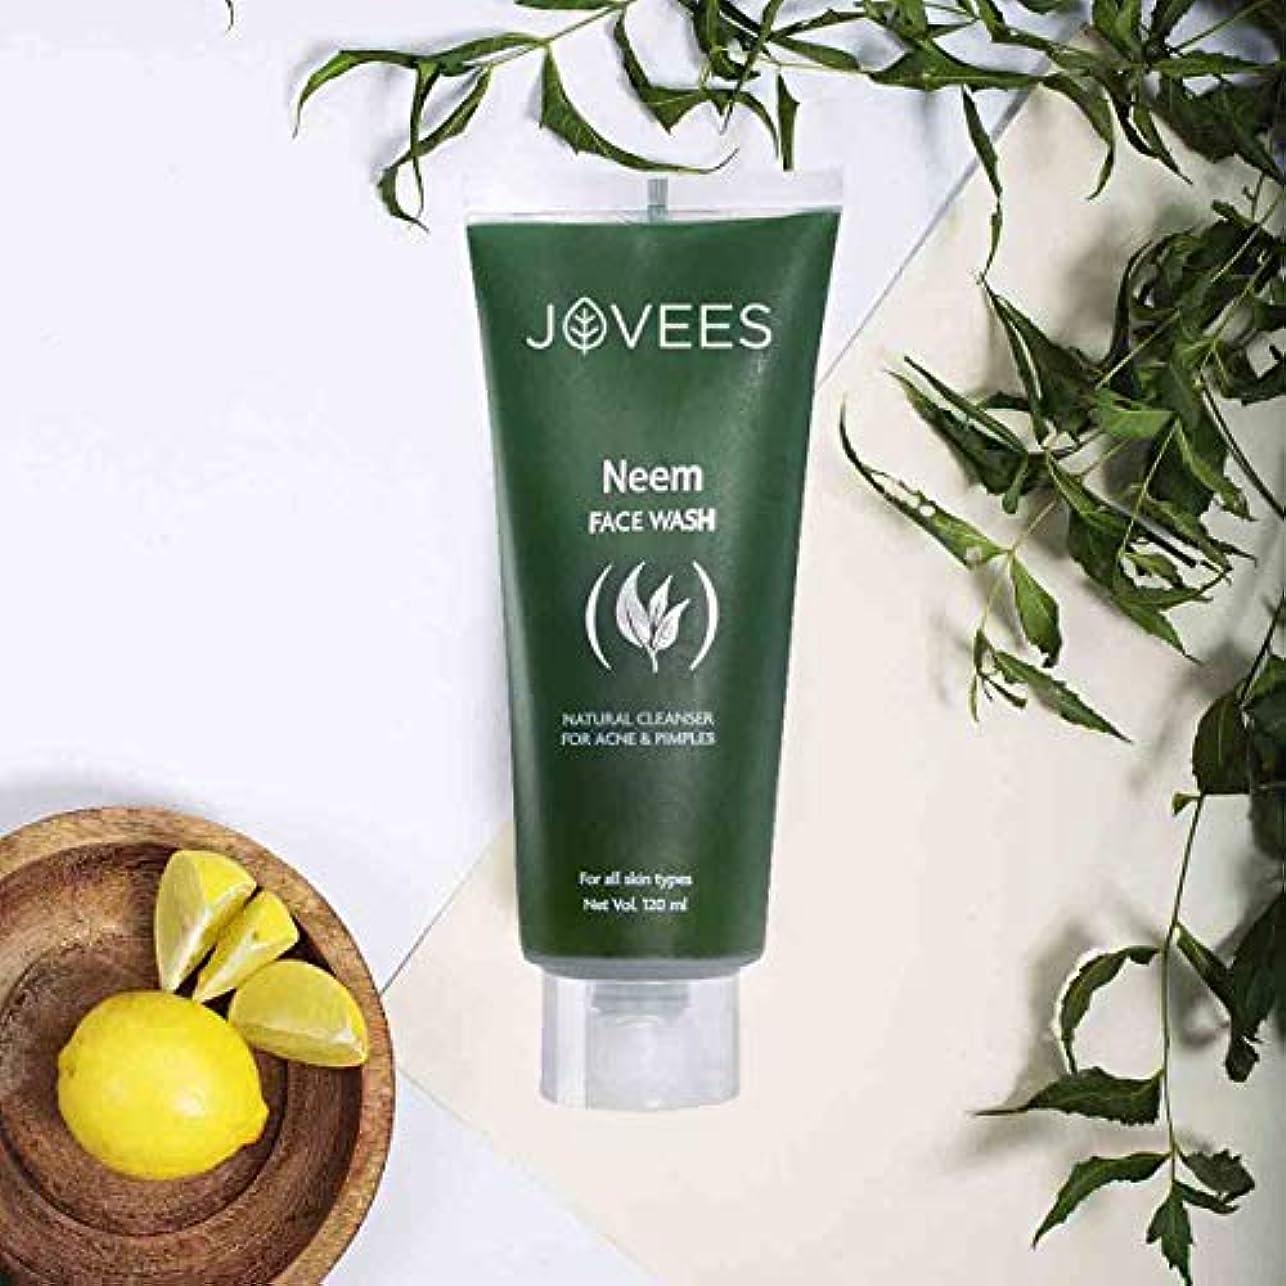 汗非公式チャットJovees Natural Neem Face Wash 120ml help mitigate pimple & Acne improve skin complexion ナチュラルニームフェイスウォッシュがニキビの...